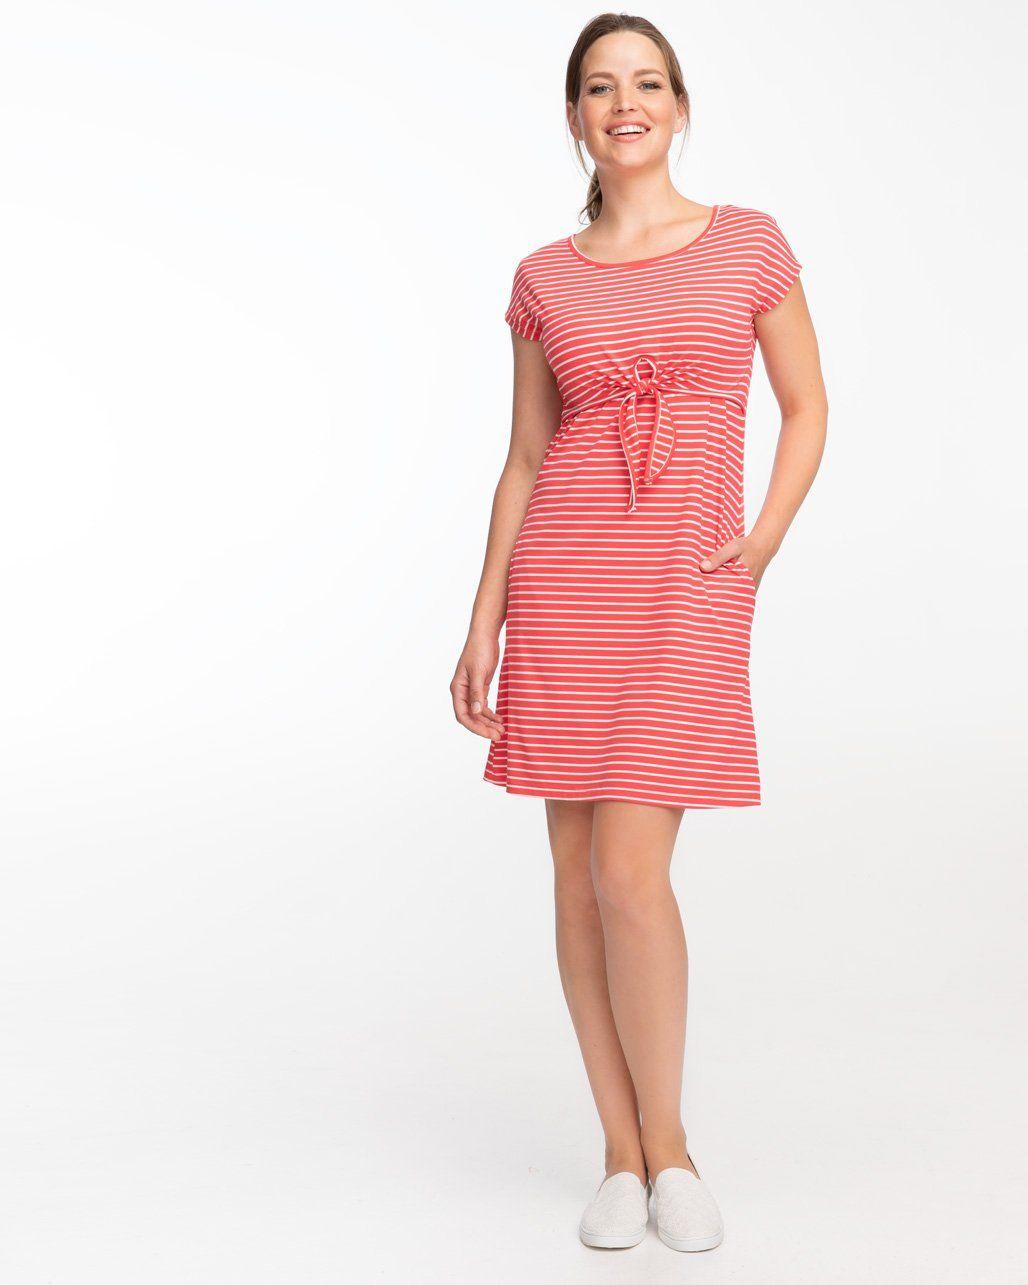 0b3c0c93a2c Watermelon Stripe Tie Front Nursing Dress in 2019